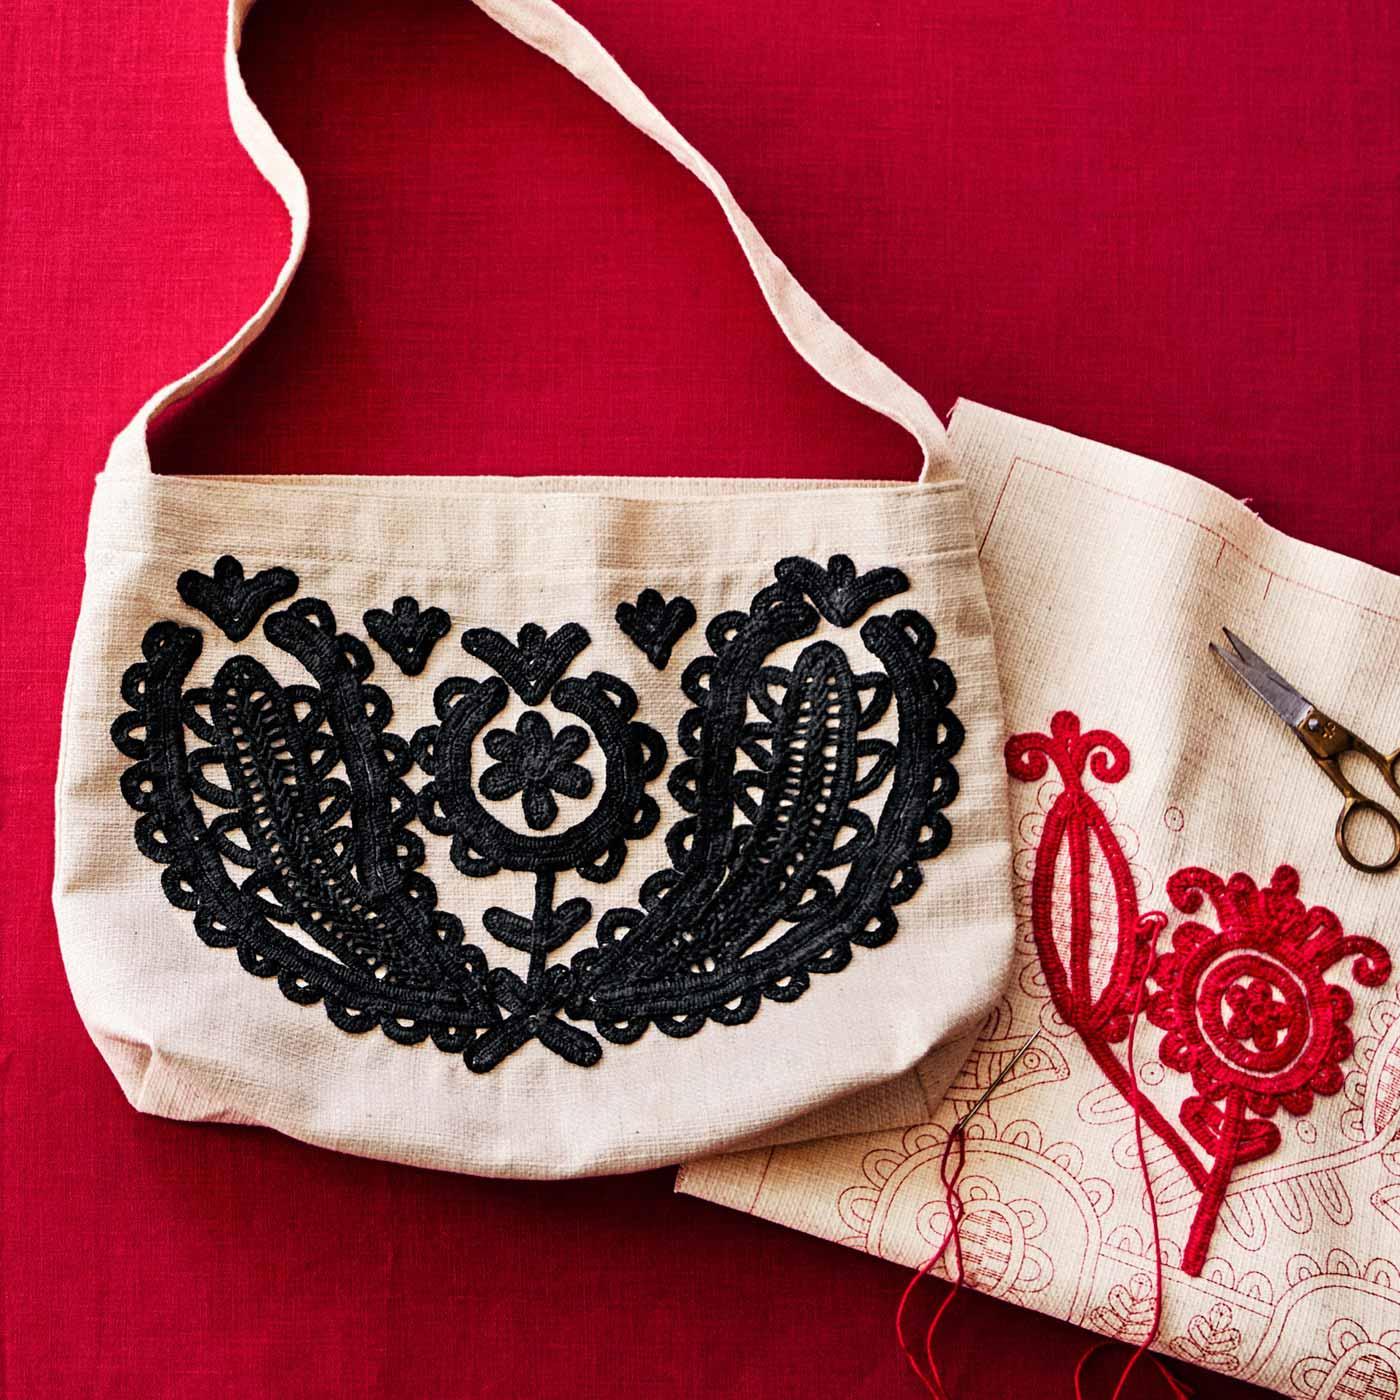 トランシルヴァニアからの贈りもの イーラーショシュのバッグの会